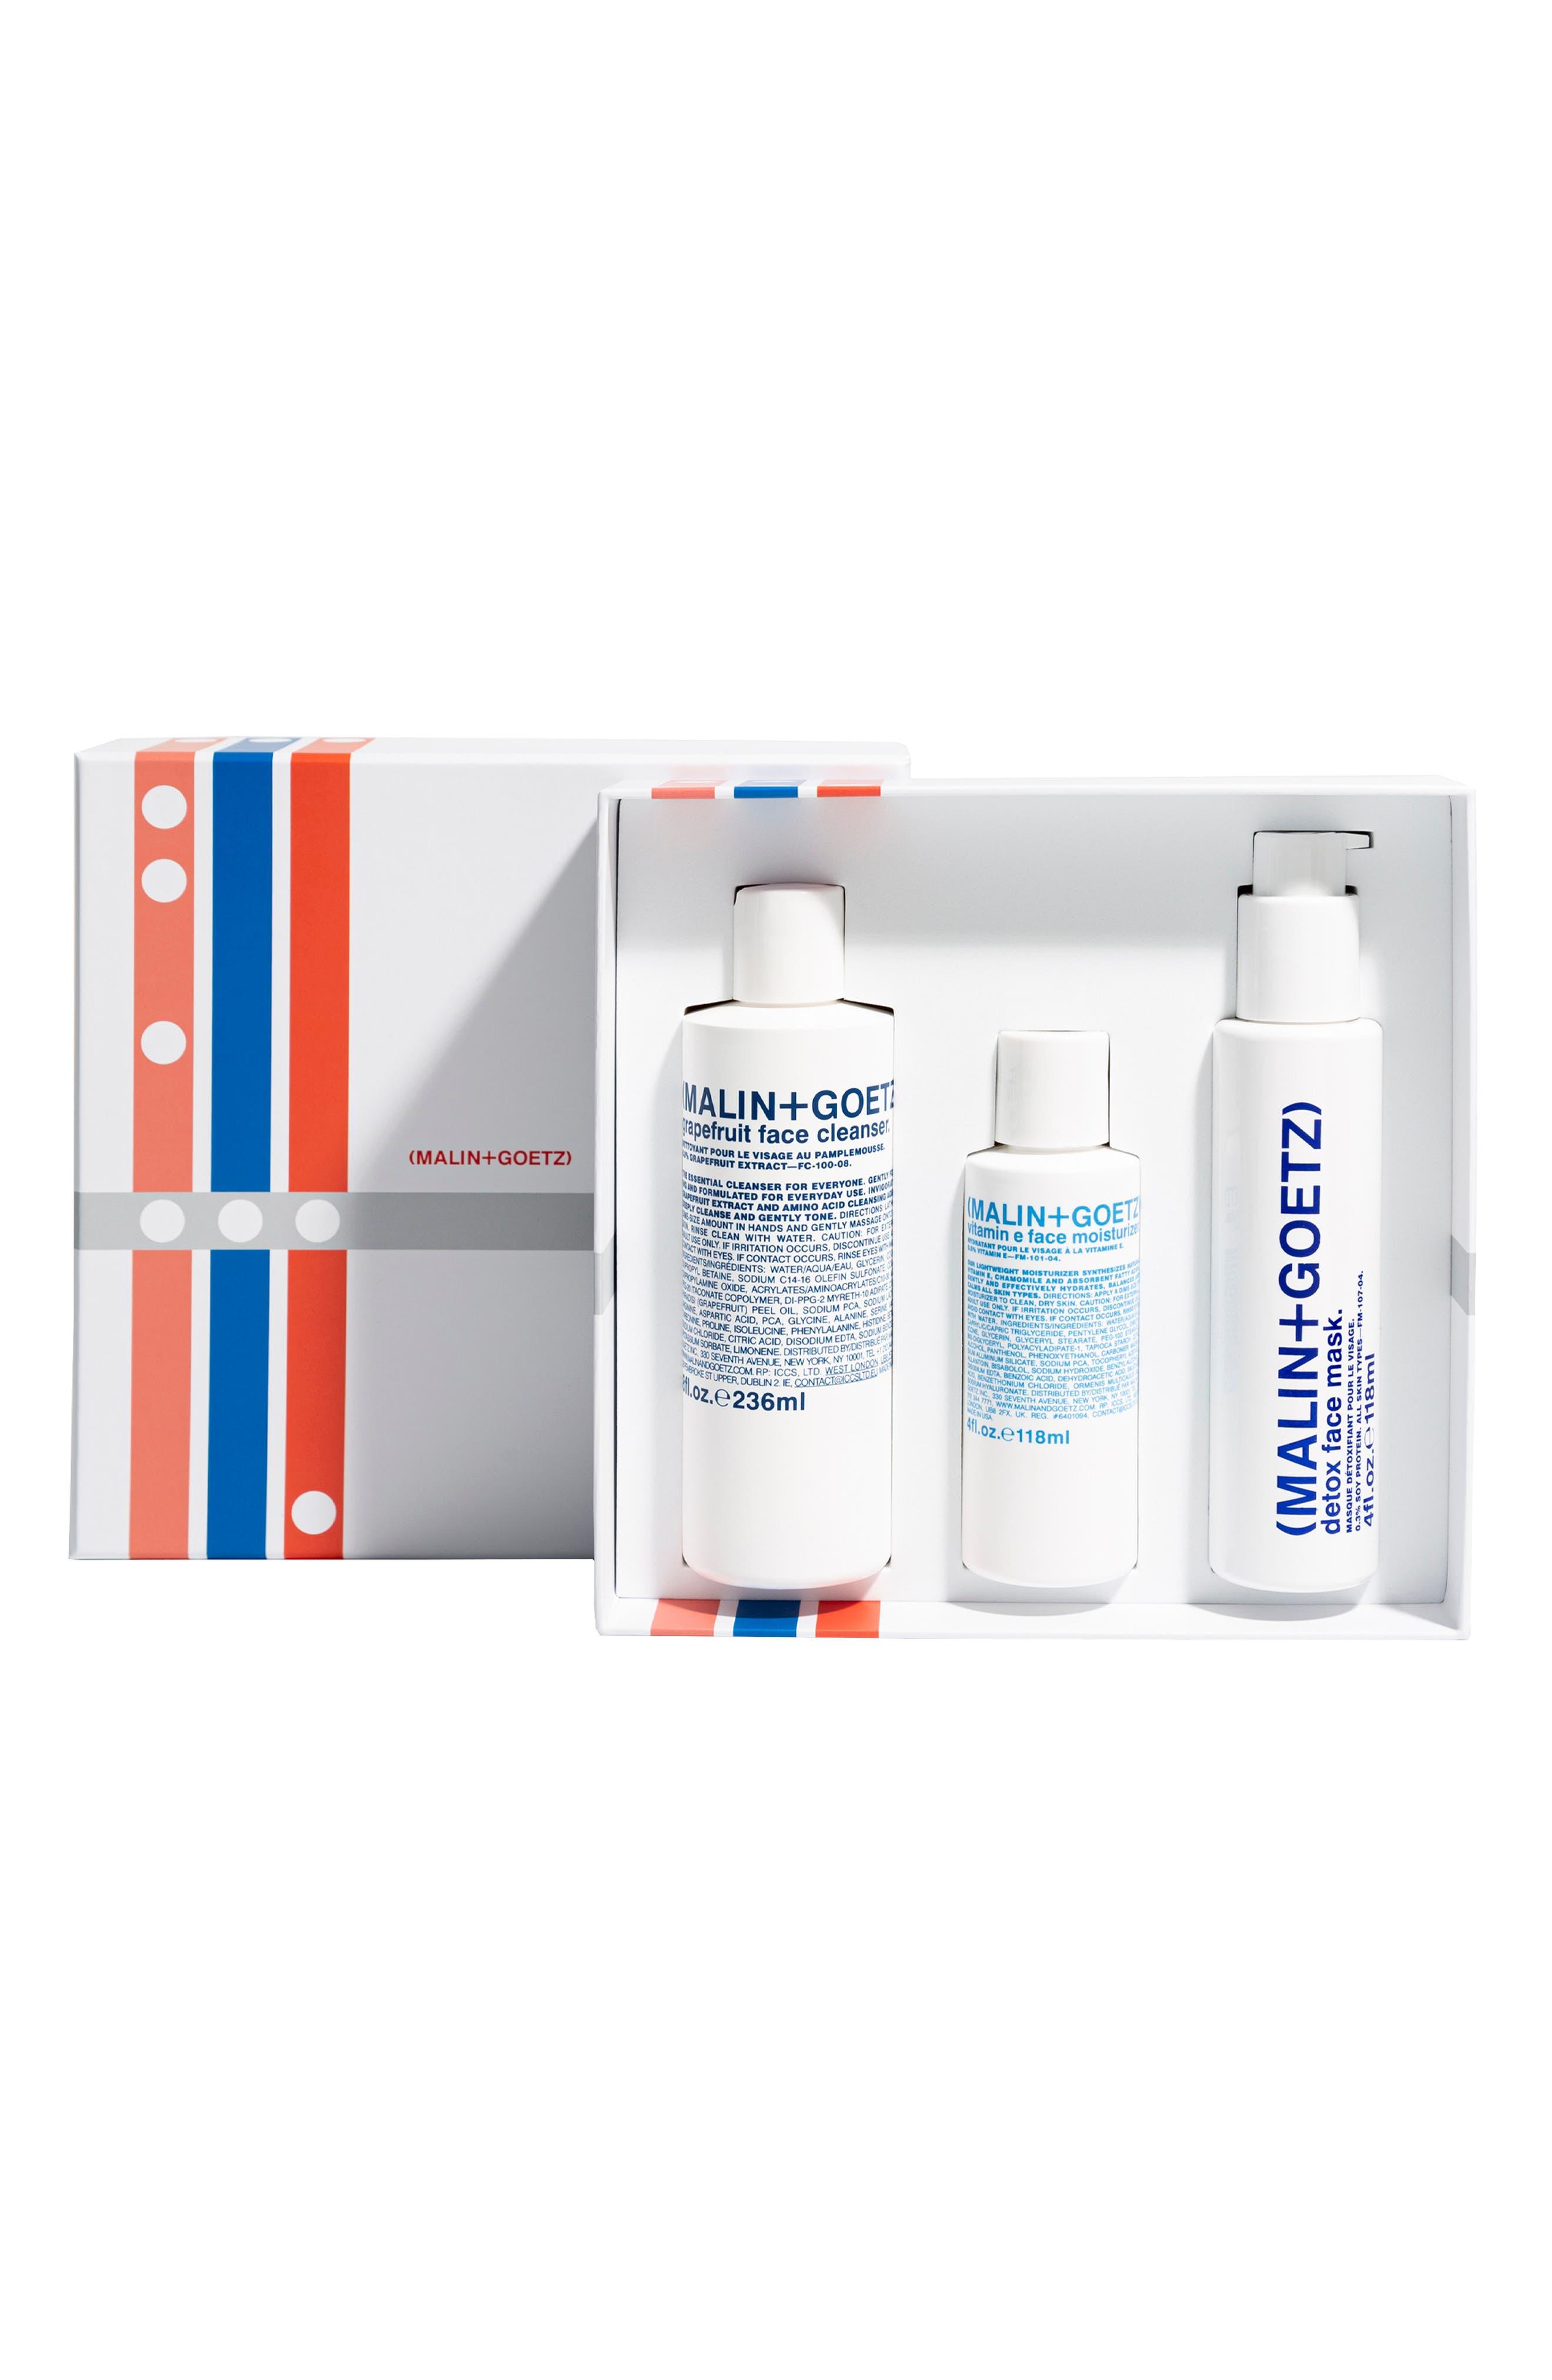 Malin+Goetz Saving Face Skincare Set; skincare sets for men